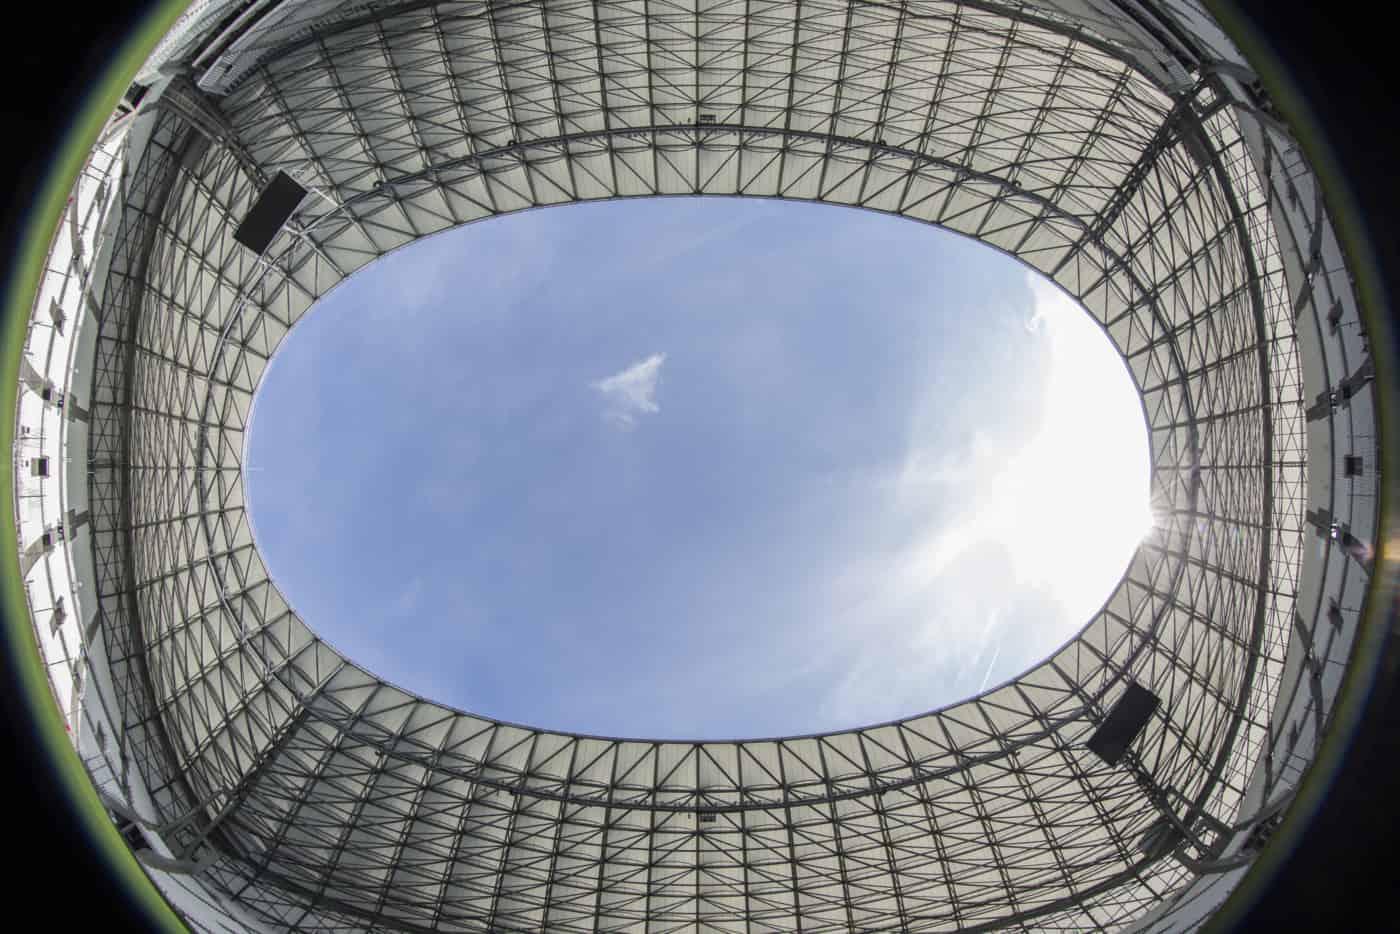 , En avril, l'Orange Vélodrome ouvre ses loges pour une énorme soirée techno